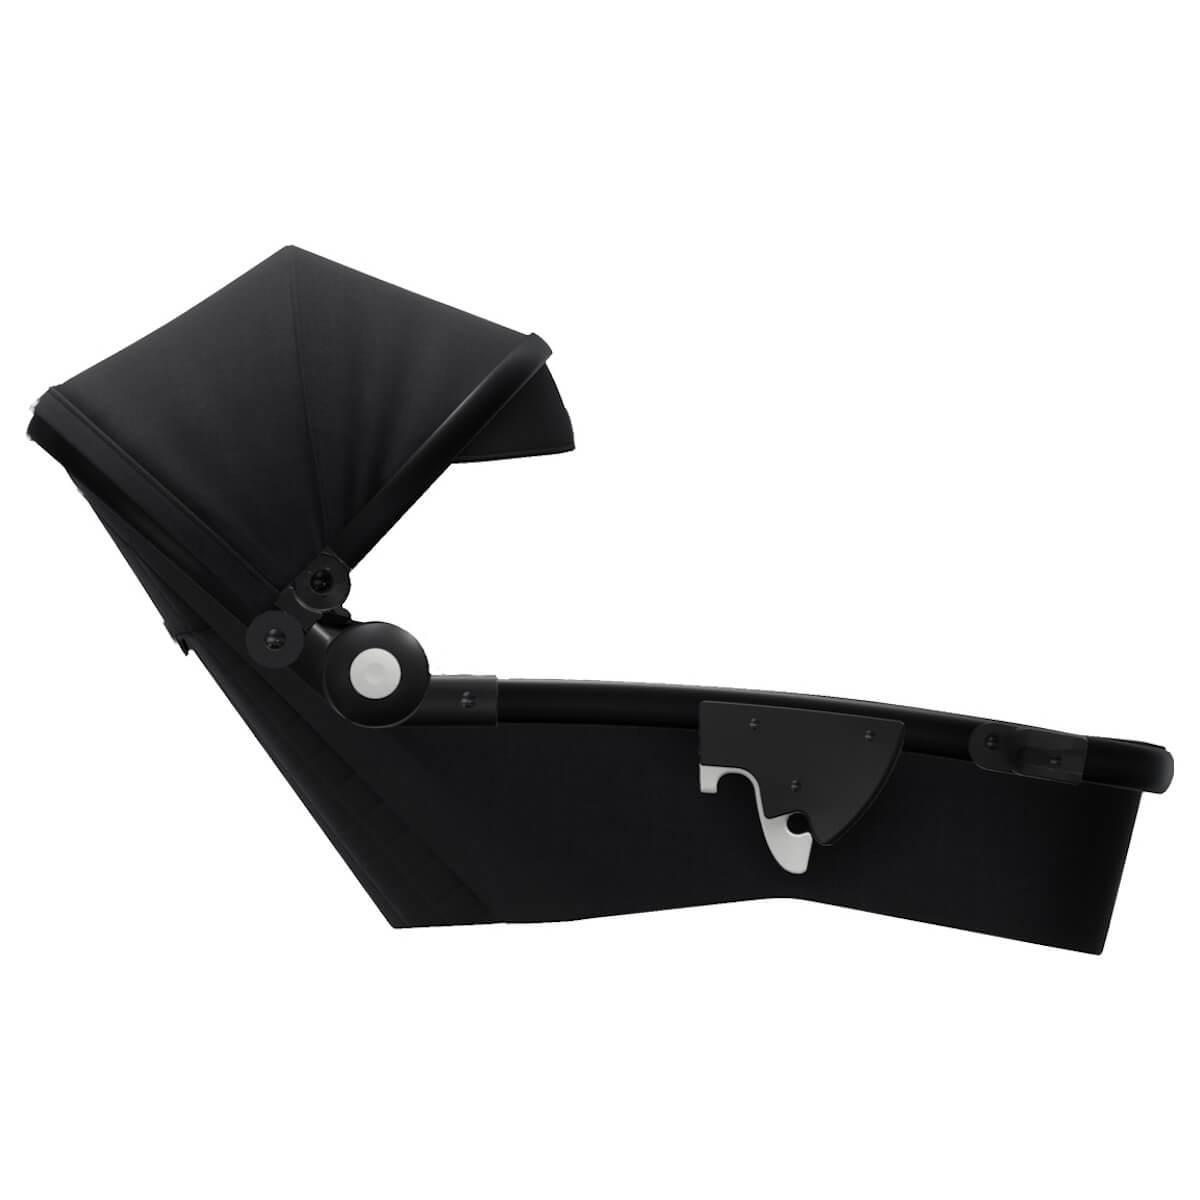 Kit d'extension assise supplémentaire GEO² Joolz Brilliant black